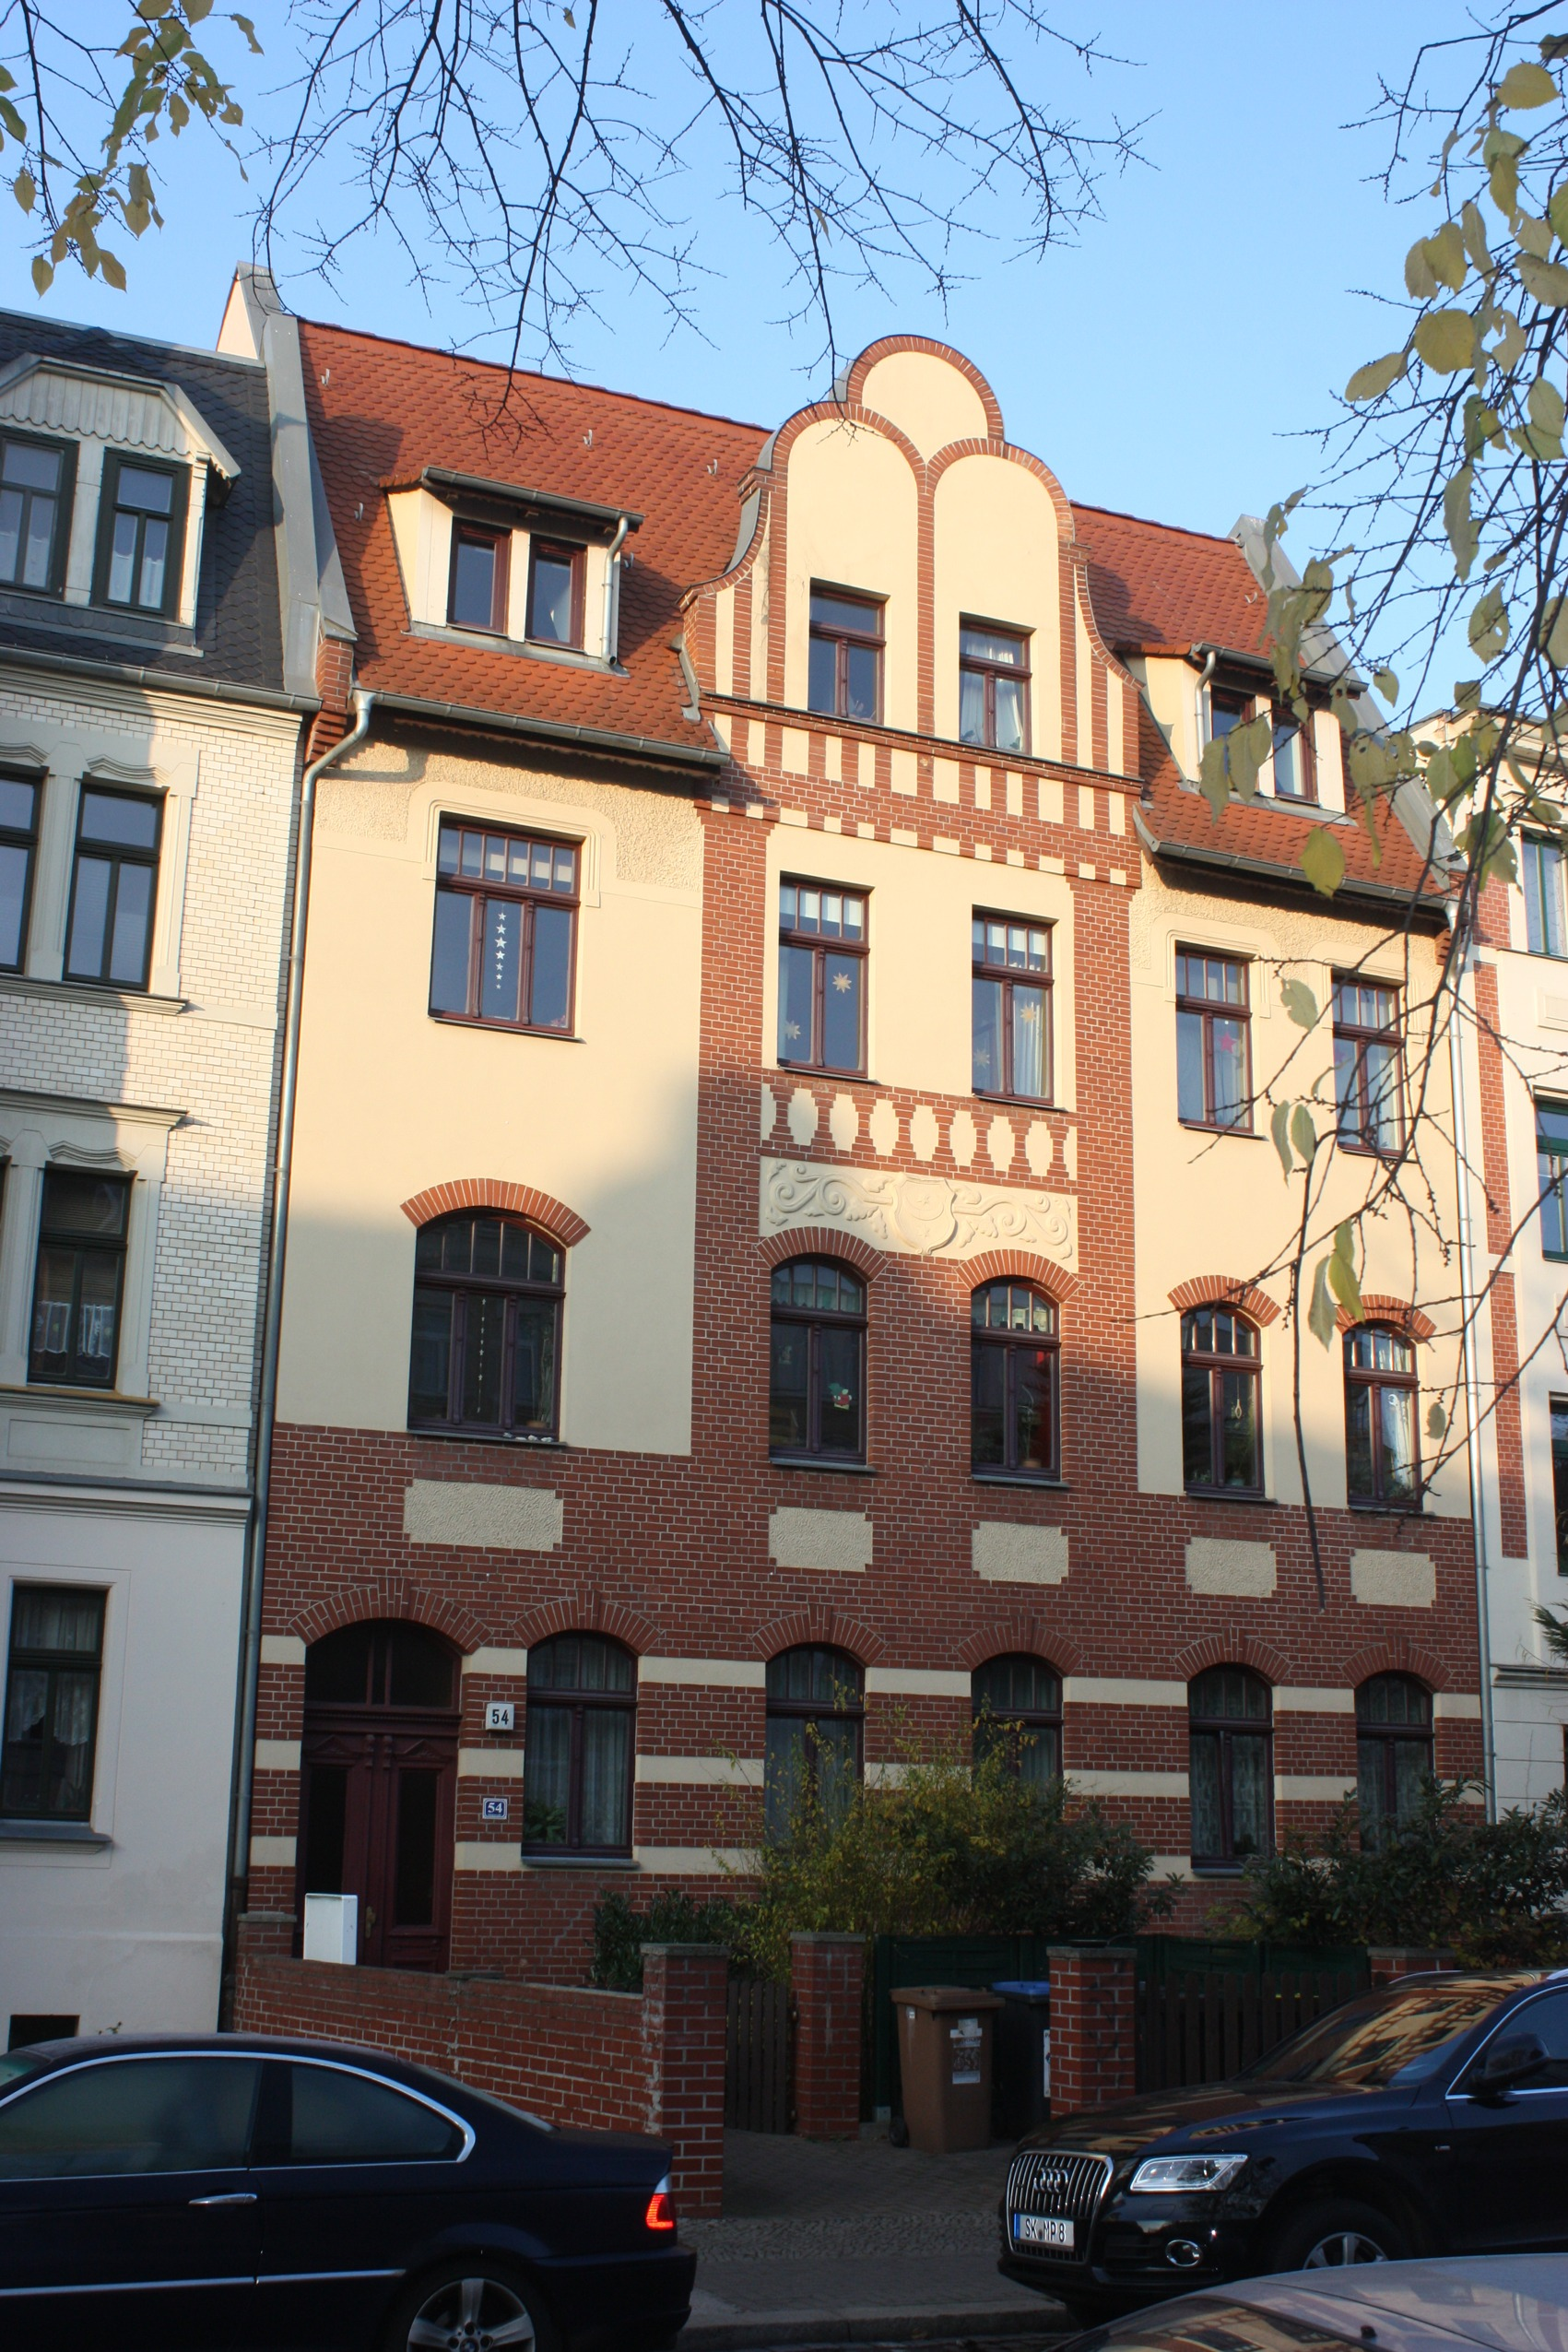 Haus Mieten Halle Saale : file halle saale das haus s dstra e 54 jpg wikimedia commons ~ Watch28wear.com Haus und Dekorationen